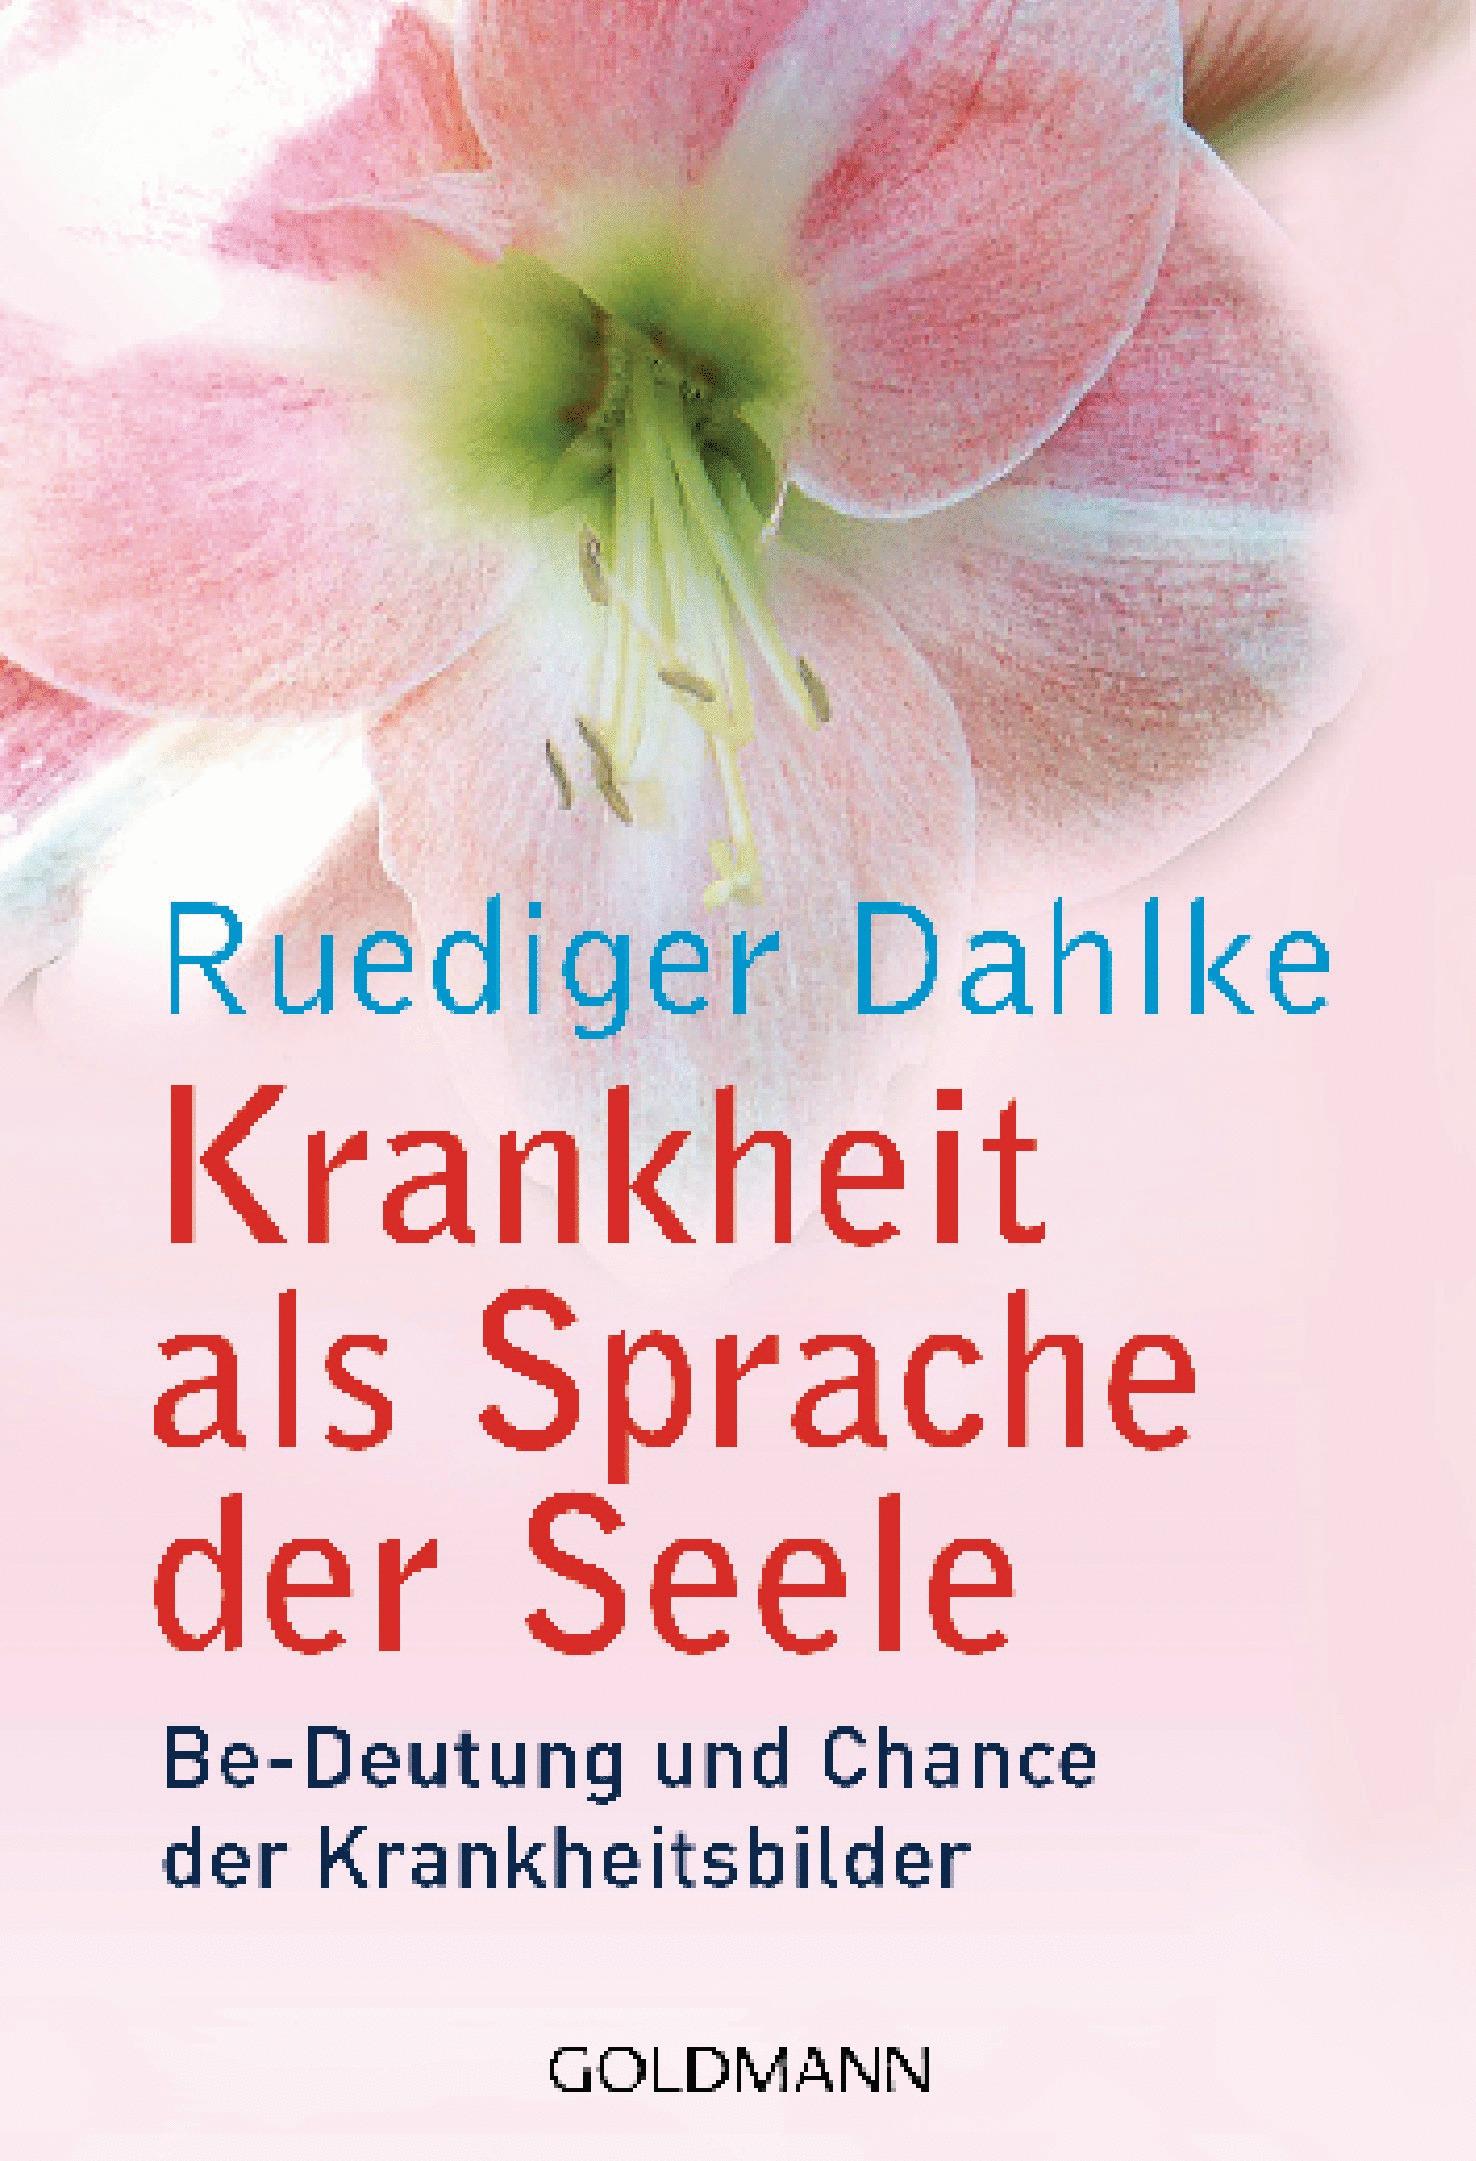 Krankheit als Sprache der Seele: Be-Deutung und Chance der Krankheitsbilder - Ruediger Dahlke [Taschenbuch, 7. Auflage 2